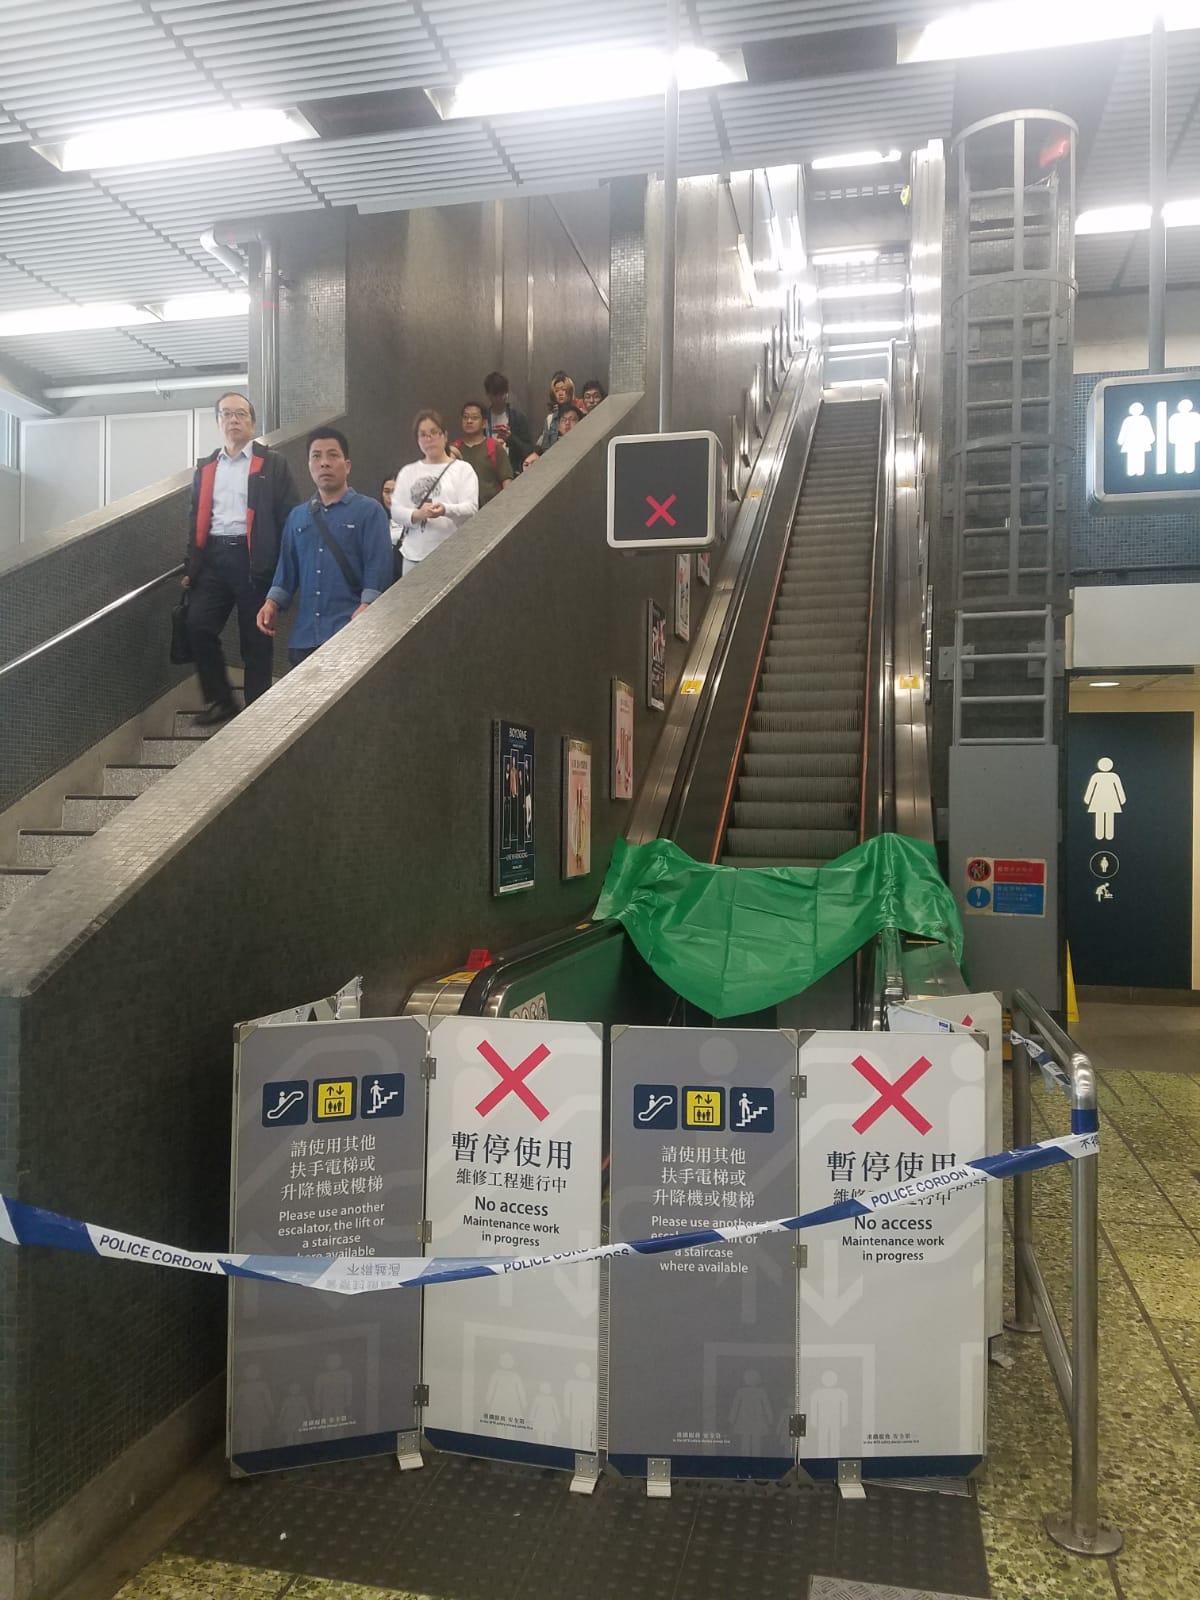 涉事電梯已被封閉。 林思明攝